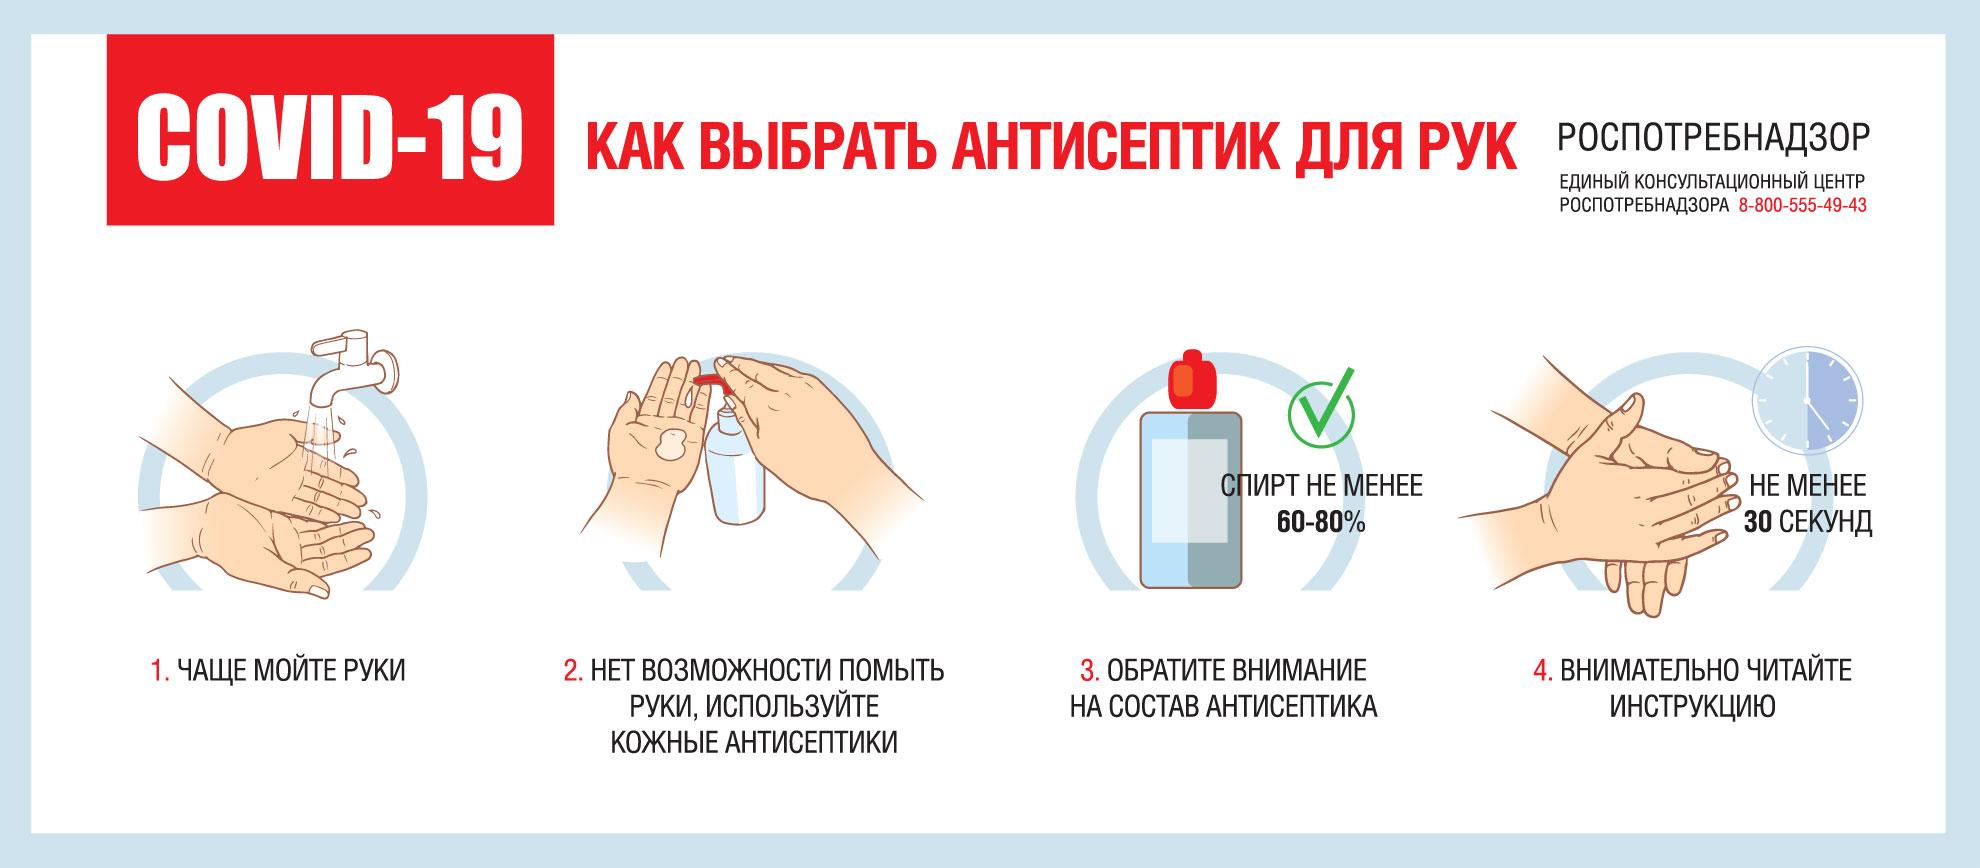 О рекомендациях как правильно выбрать антисептик